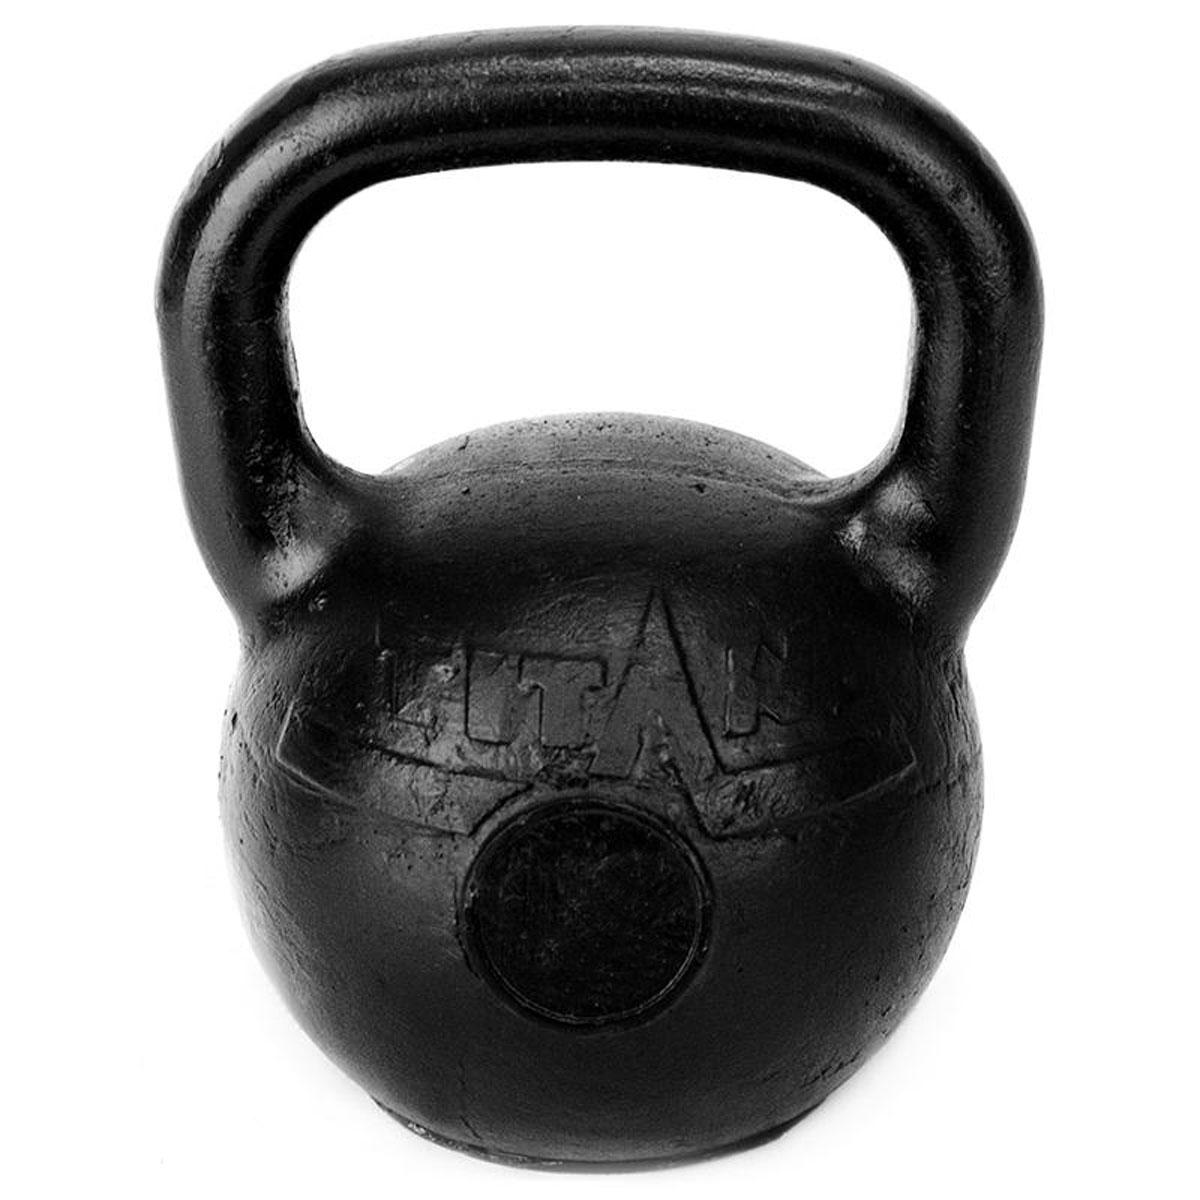 Гиря чугунная Titan, 10 кгTITAN-10Гиря Titan выполнена из высококачественного прочного чугуна. Эргономичная рукоятка не скользит в руке, обеспечивая надежный хват. Чугунная гиря прочна, долговечна, устойчива к коррозии и температурам, поэтому является одними из самых популярных спортивных снарядов. Гири - это самое простое и самое гениальное спортивное оборудование для развития мышечной массы. Правильно поставленные тренировки с ними позволяют не только нарастить мышечную массу, но и развить повышенную выносливость, укрепляют сердечнососудистую систему и костно-мышечный аппарат.Вес гири: 10 кг.